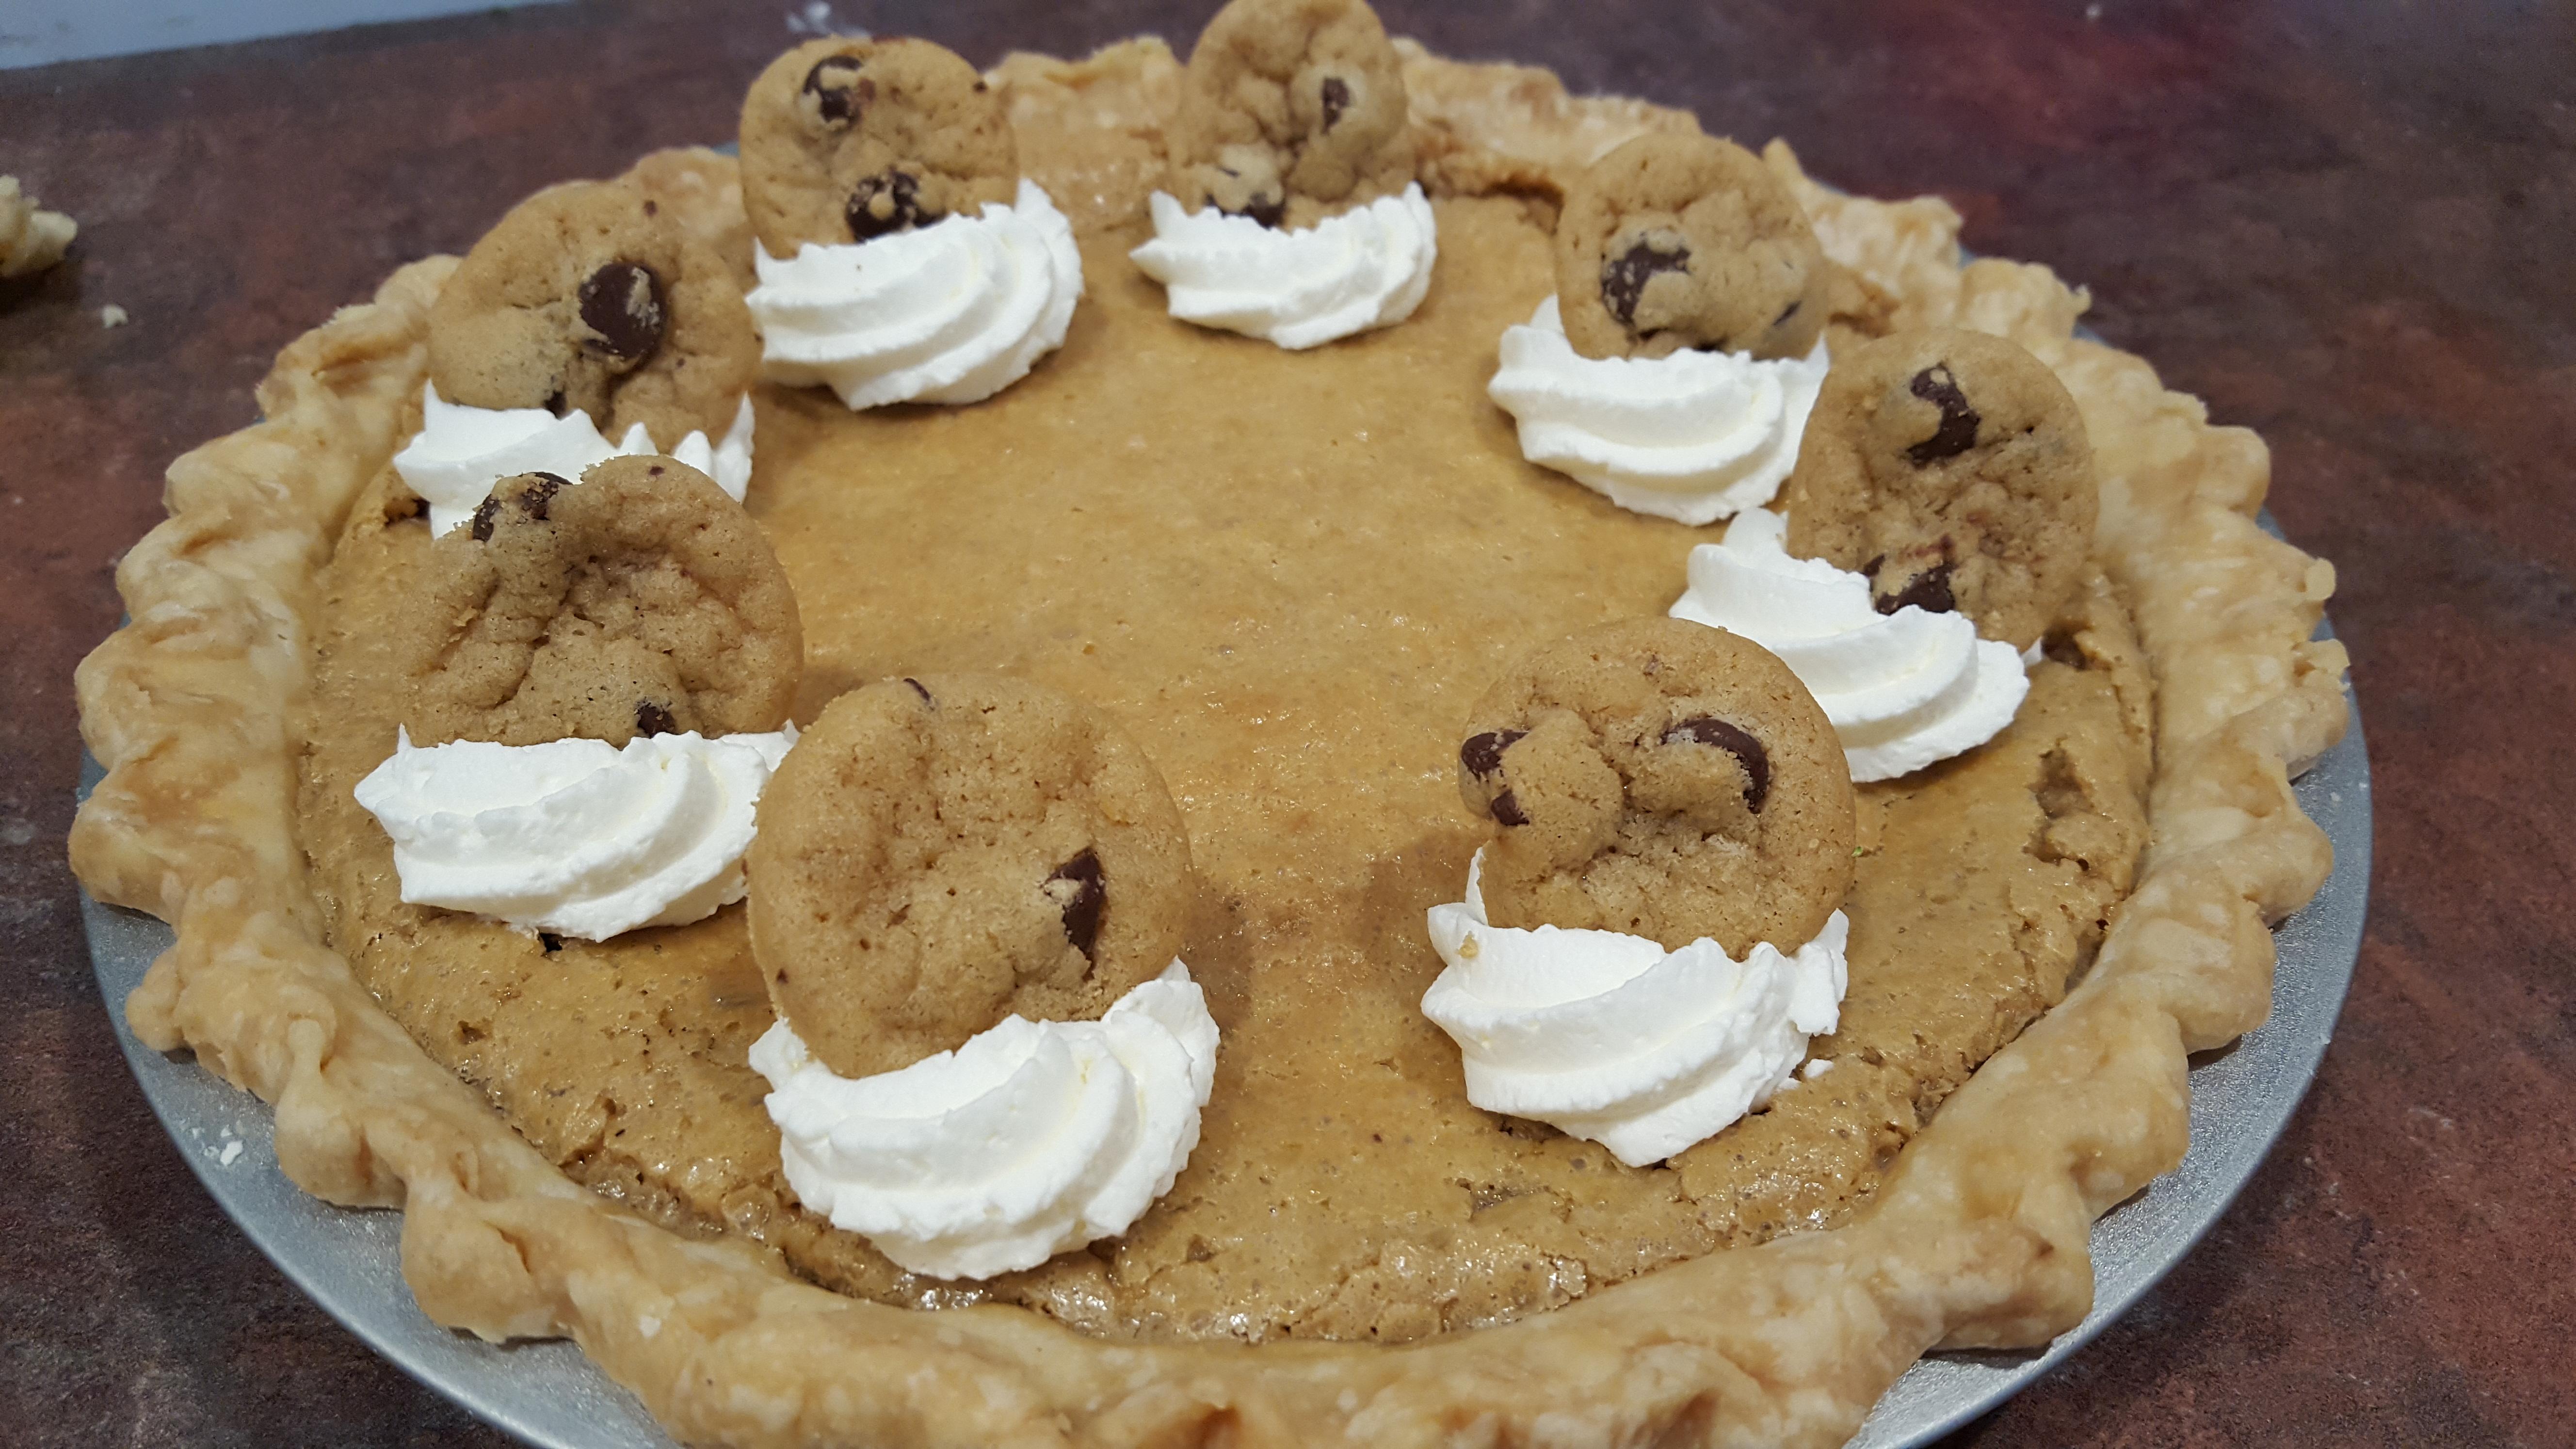 Chocolate Chip Pie I Mirelle Dean